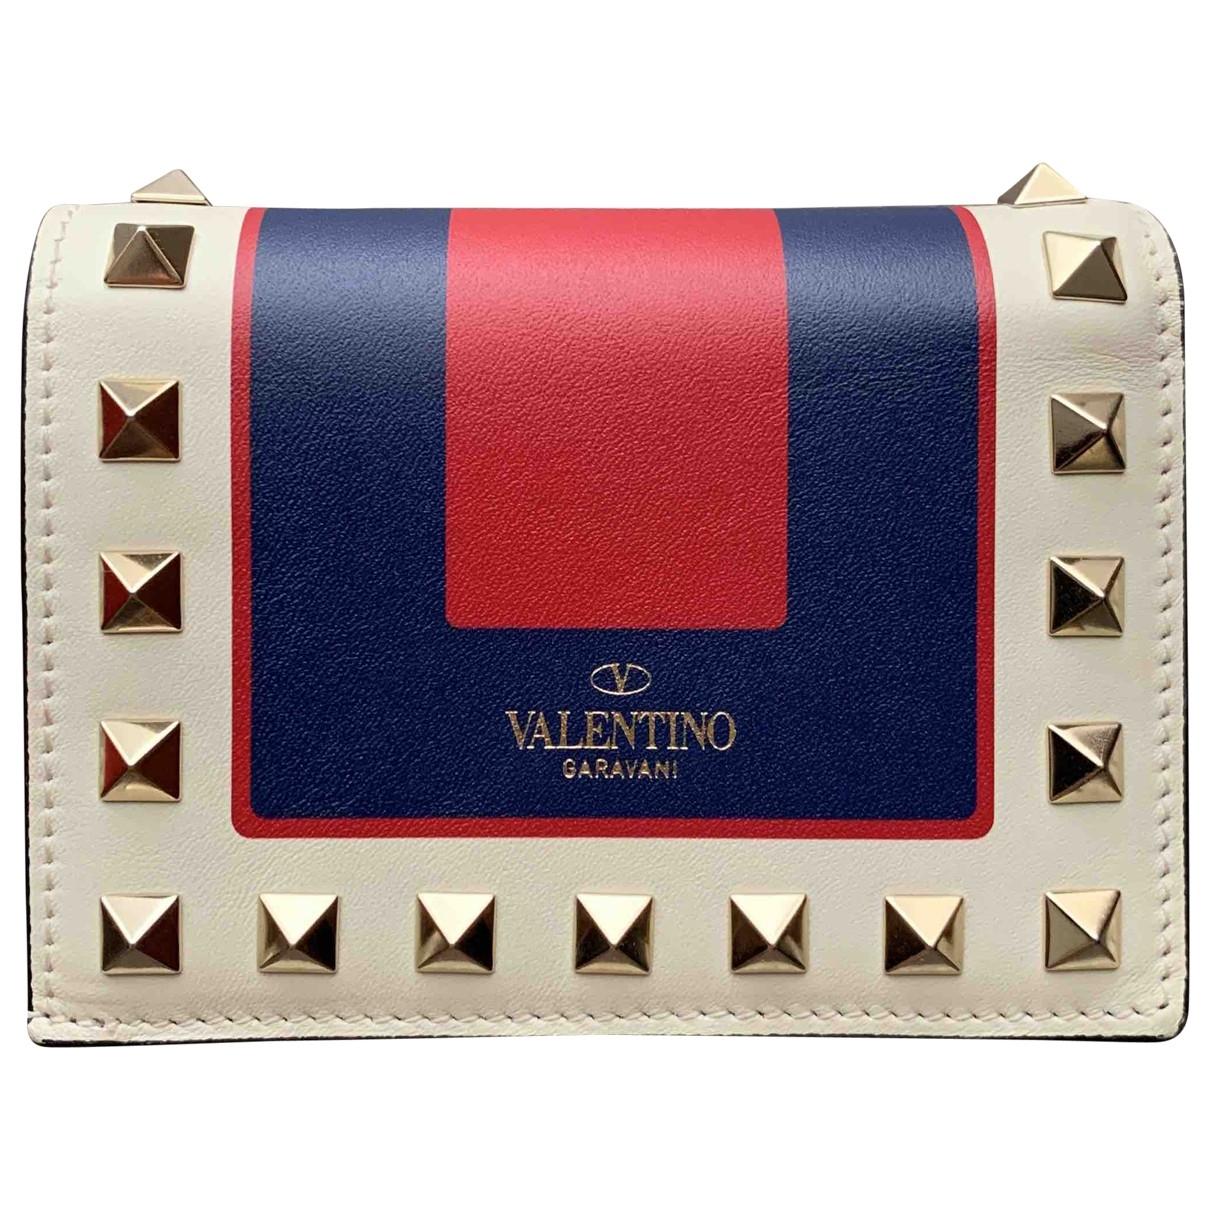 Valentino Garavani - Portefeuille   pour femme en cuir - multicolore